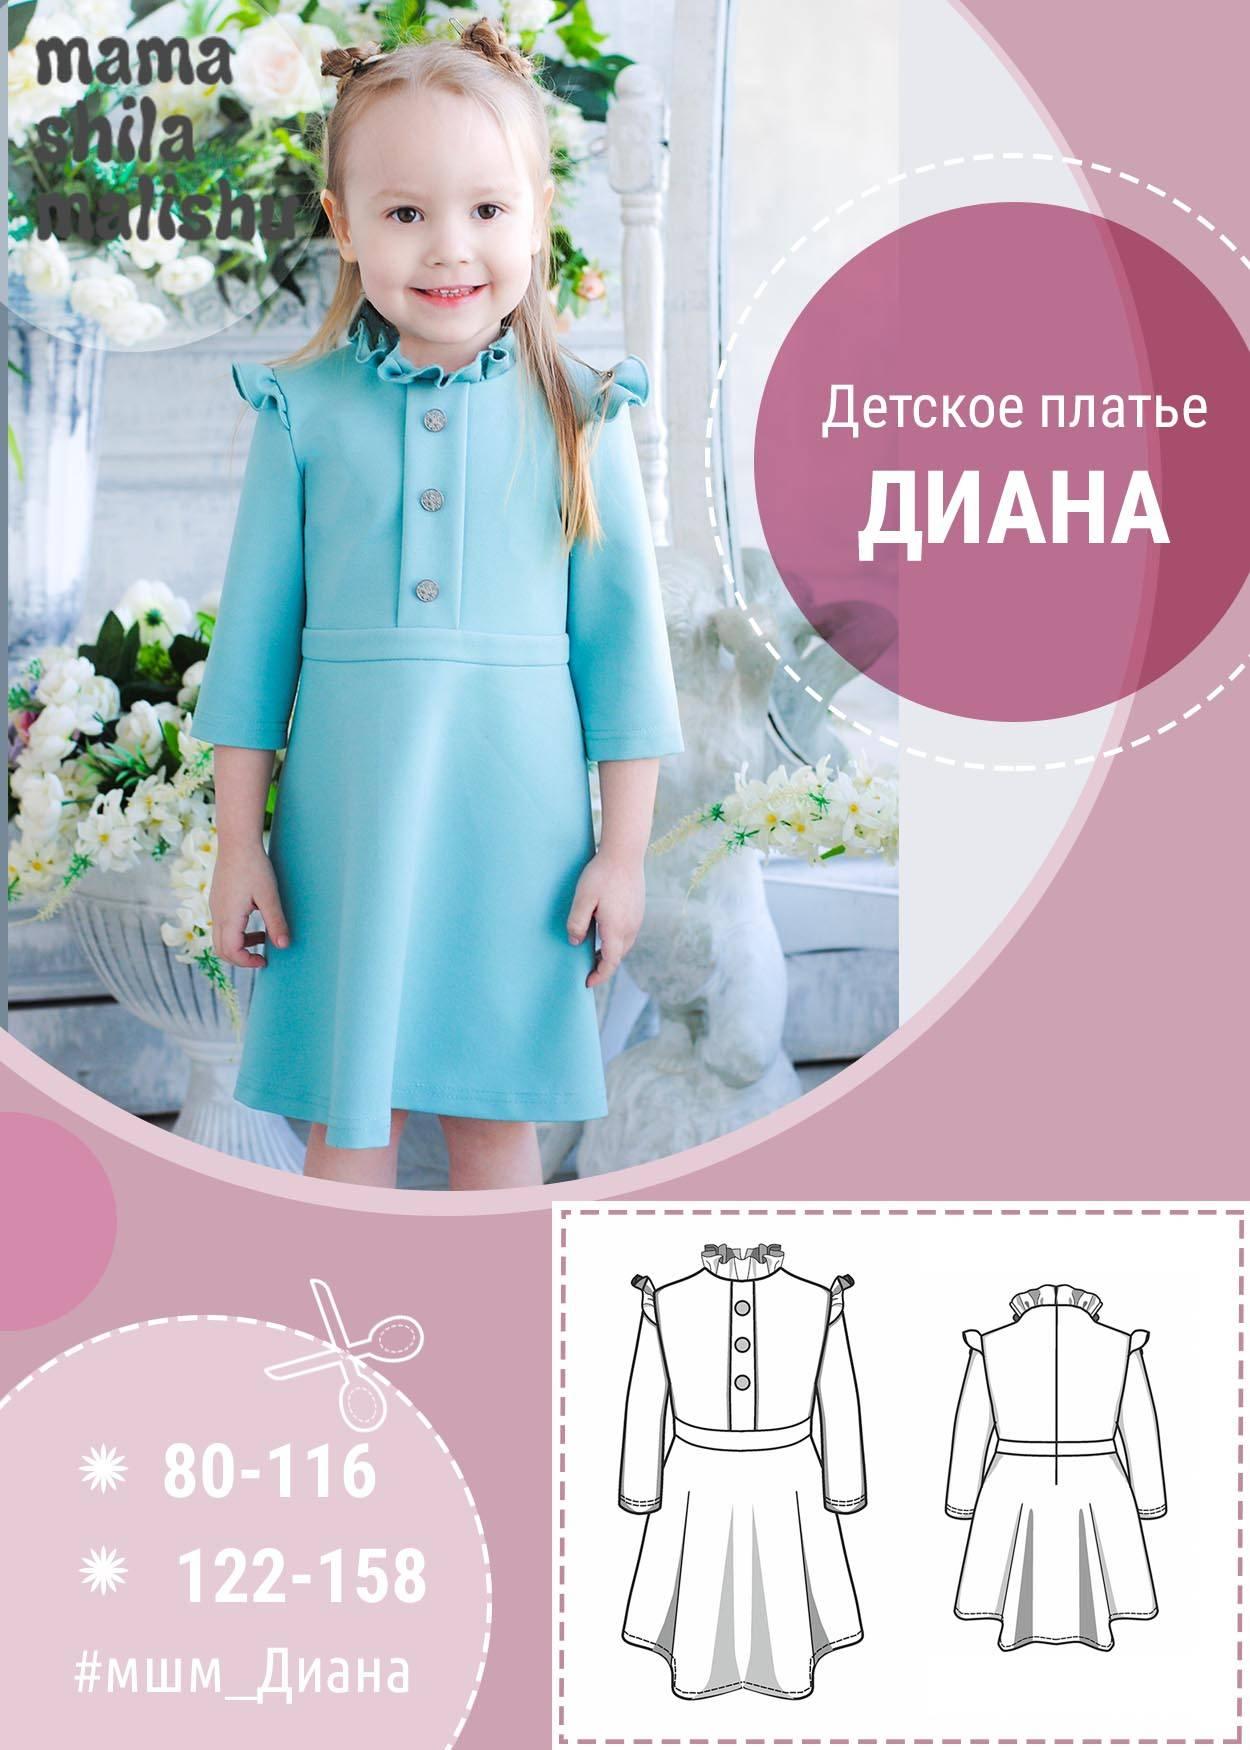 """Детское платье """"Диана"""""""